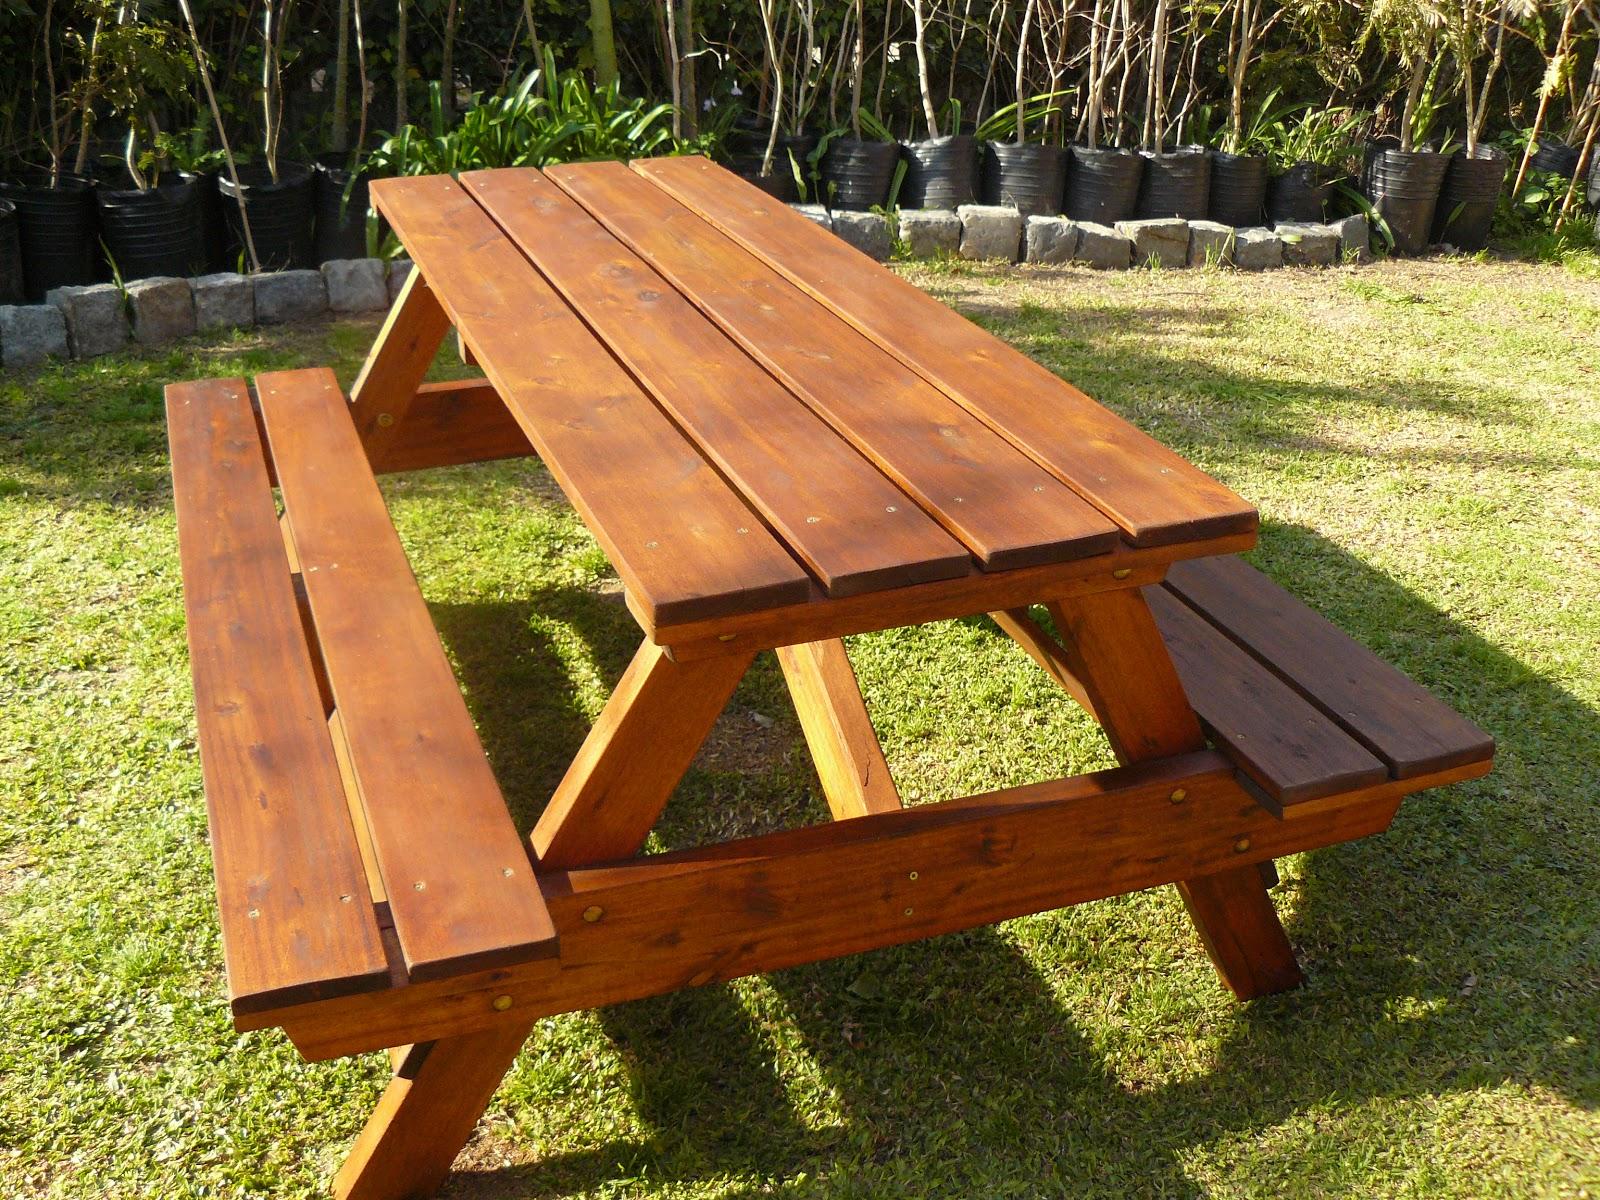 Jard n sano mesa de jard n con bancos artesanal for Mueble que se convierte en mesa